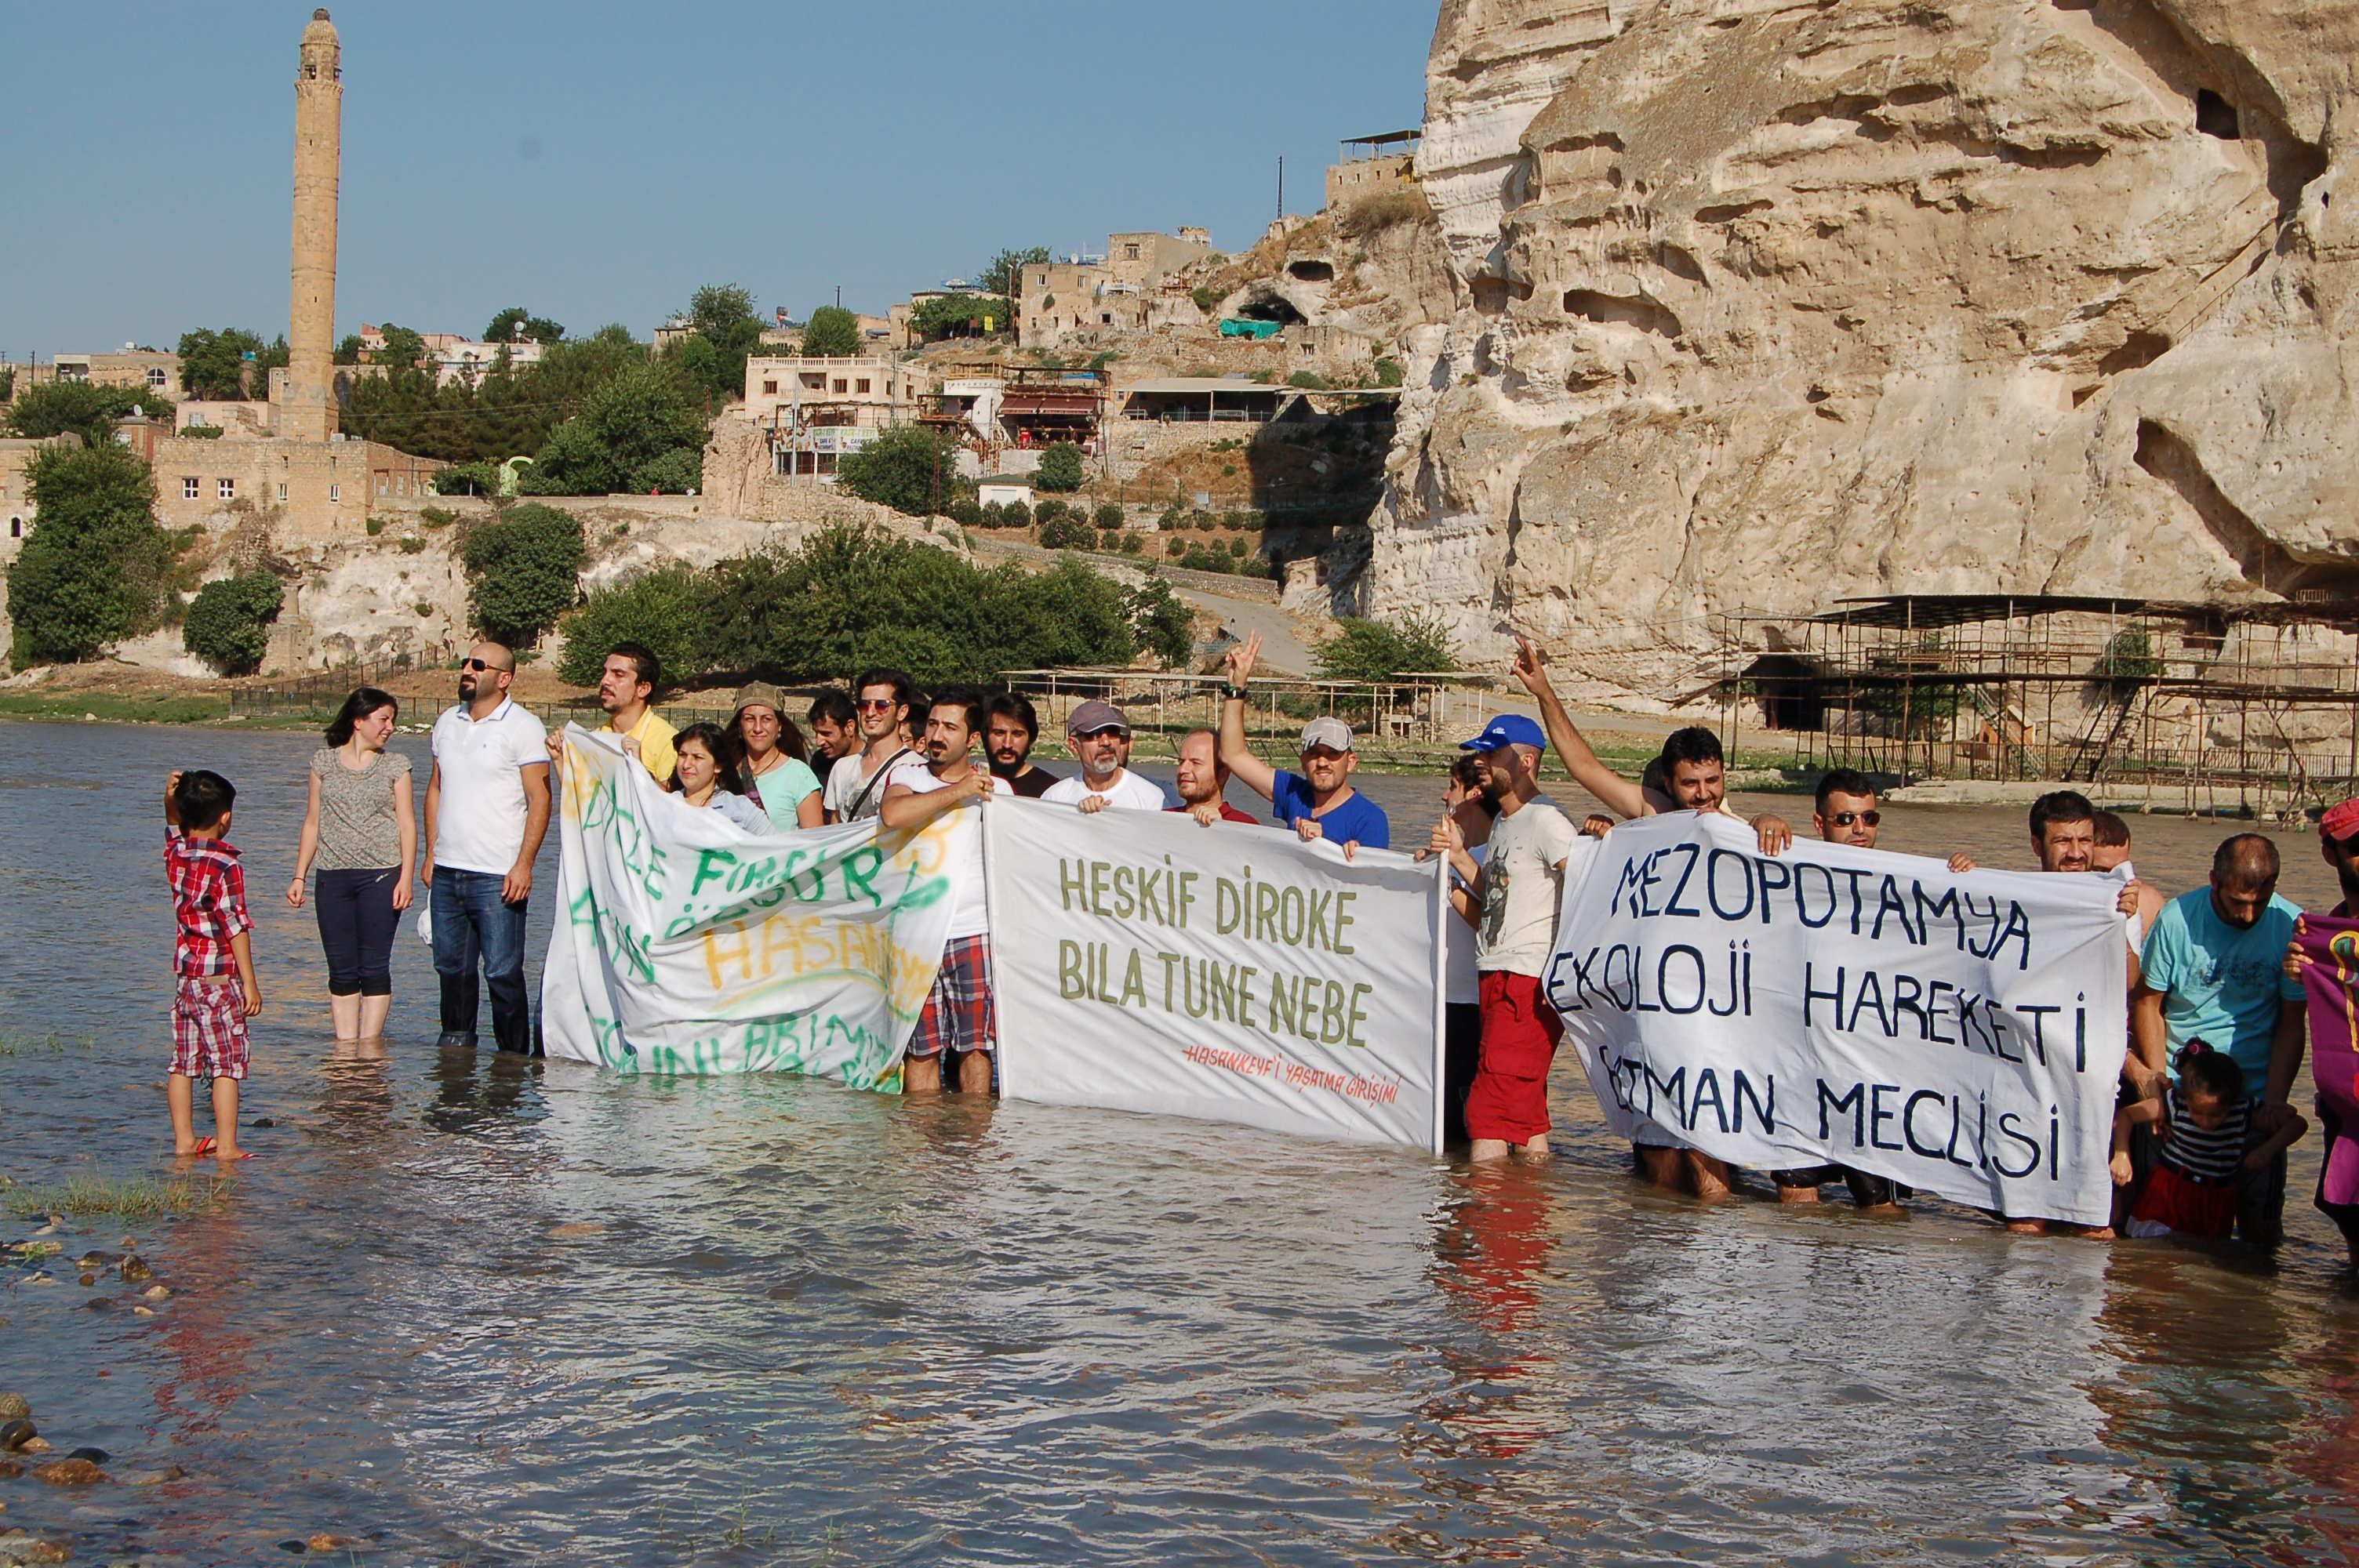 La città in Turchia che sarà sommersa